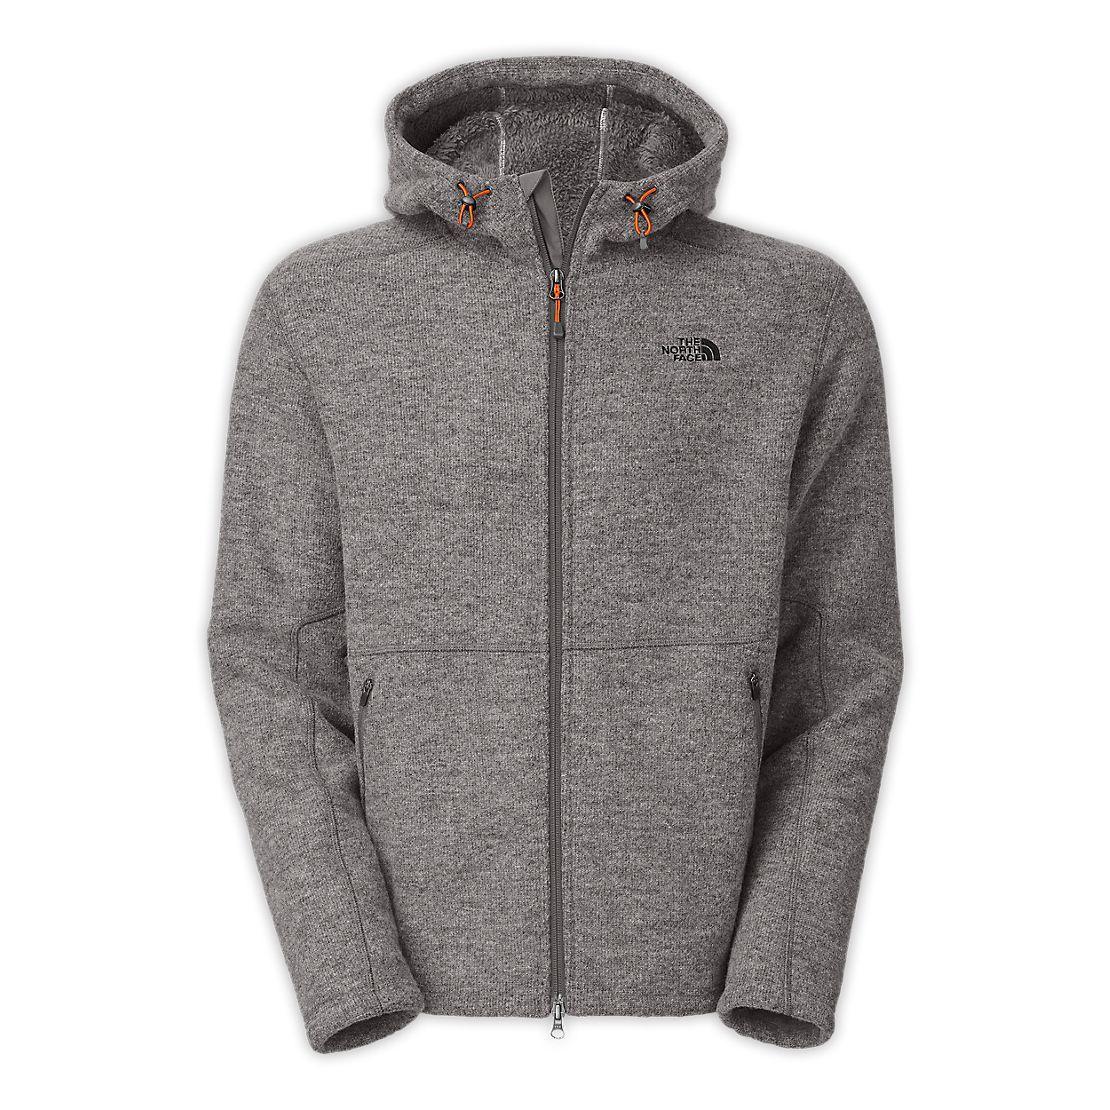 The North Face Men's Shirts & Sweaters MEN'S ZERMATT FULL ZIP ...